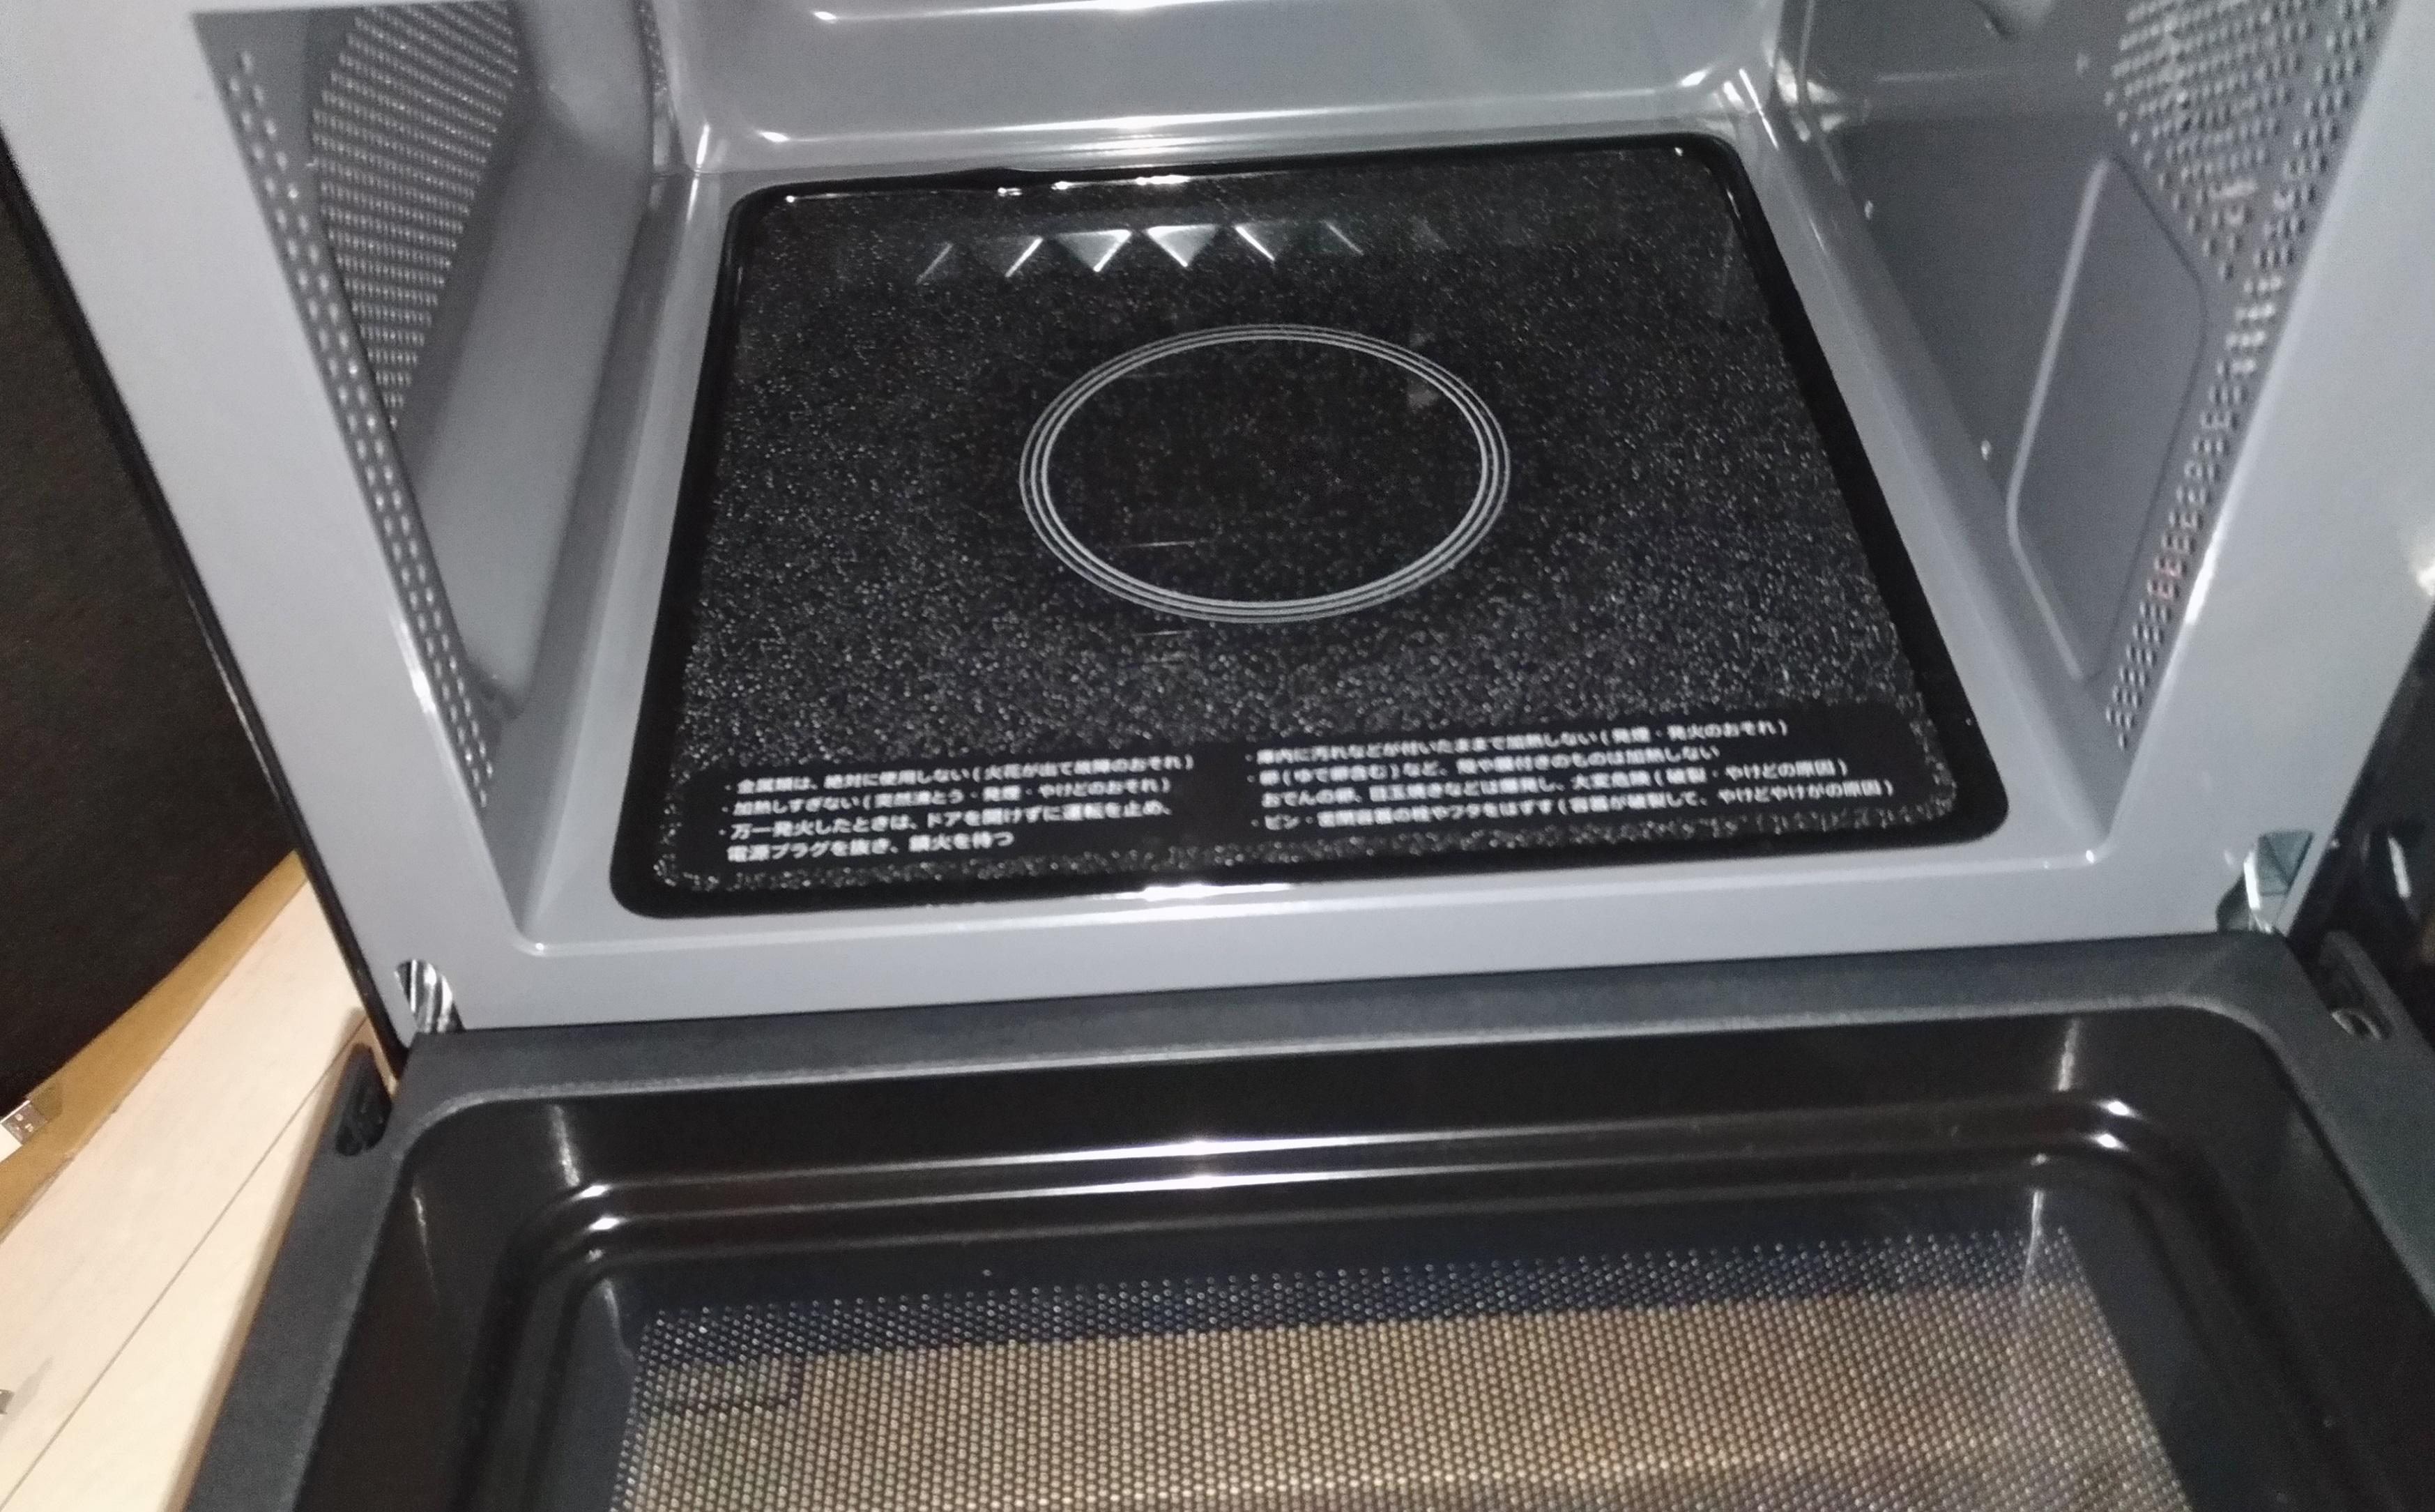 sharp_microwave_oven_2020_hitori_5.jpg